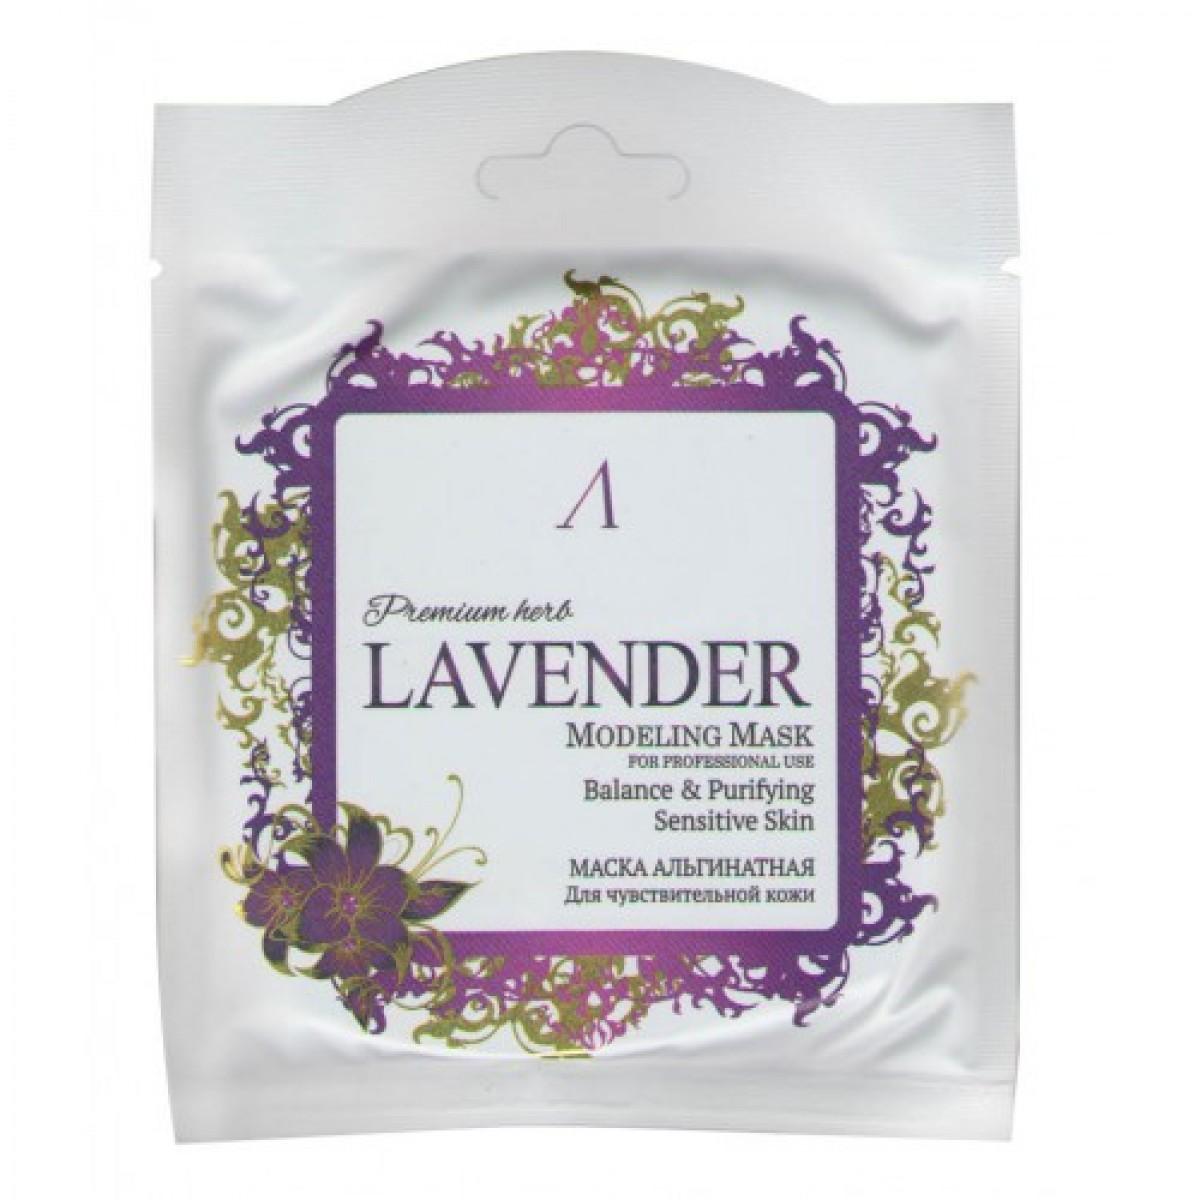 Маска альгинатная Anskin Premium Herb Lavender Modeling Mask 25 г